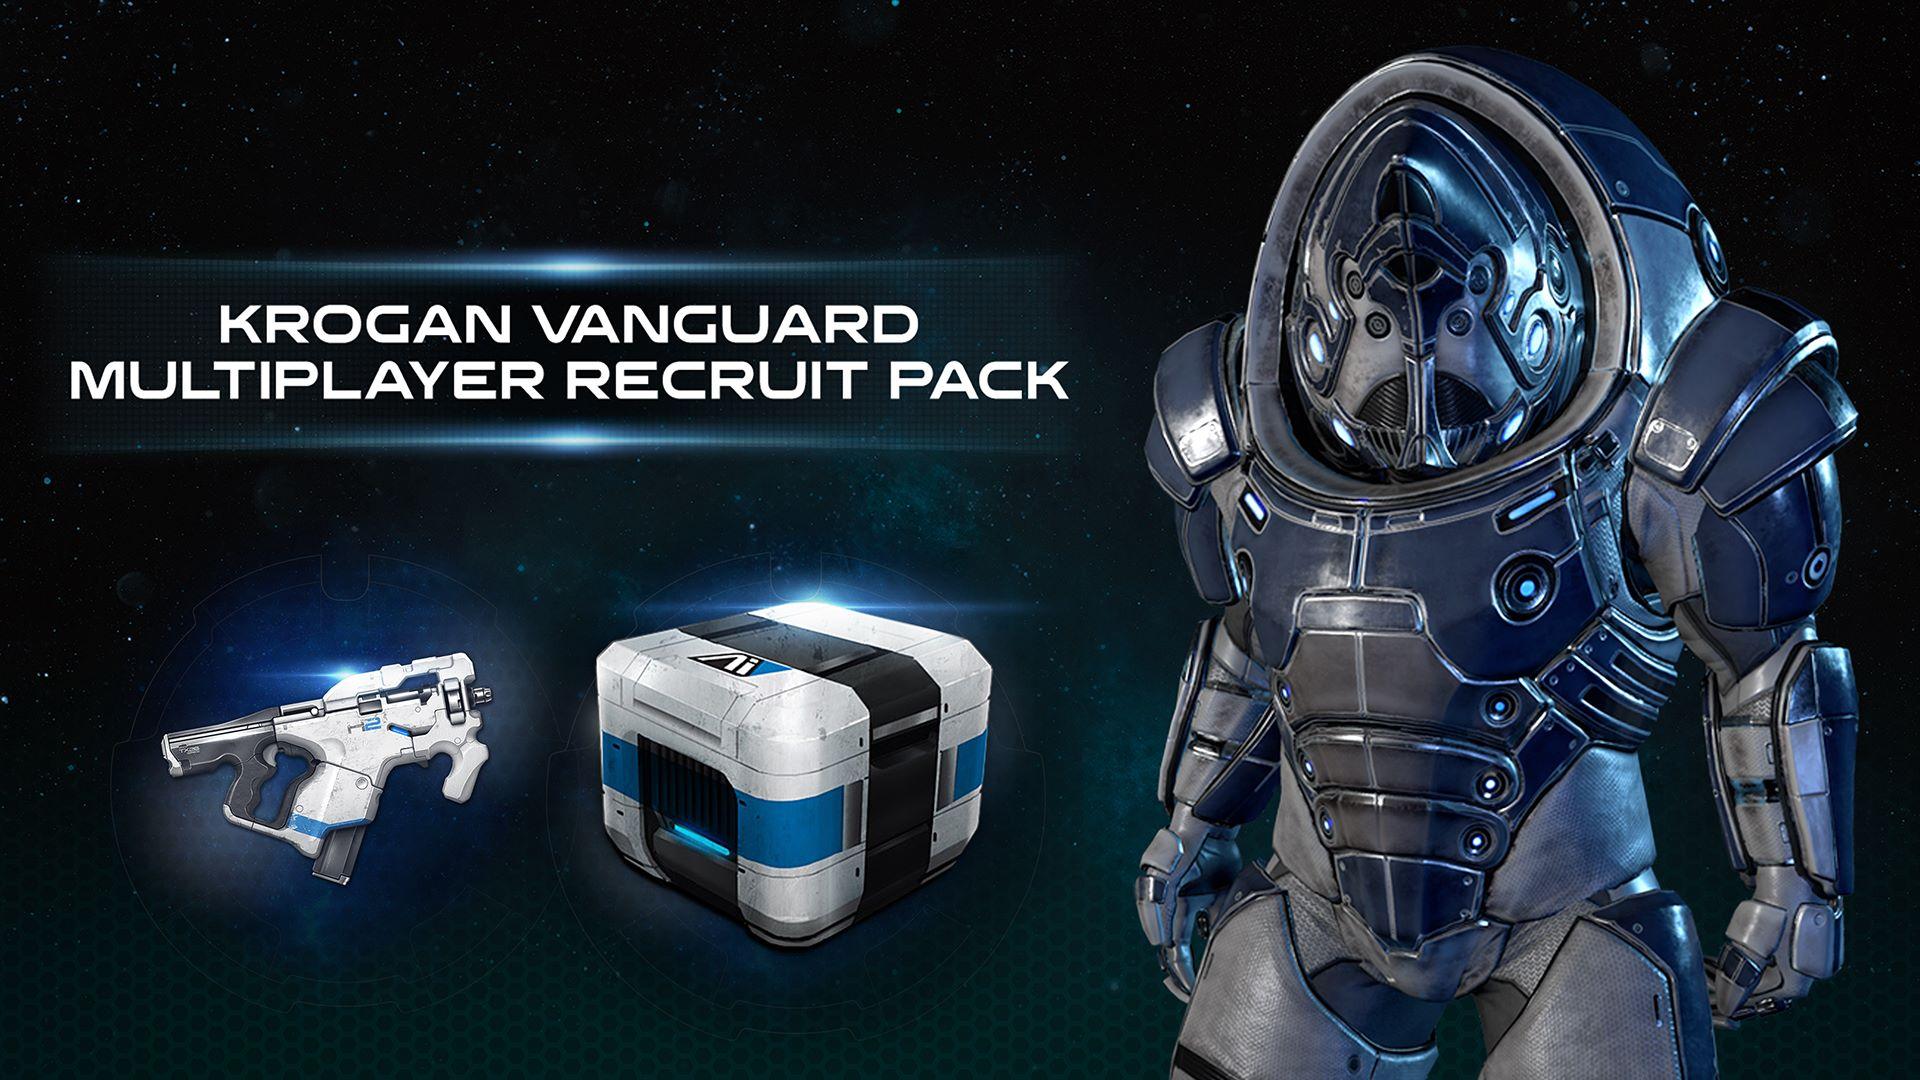 Mass Effect™: Andromeda - Paquete multijugador de recluta vanguardia krogan